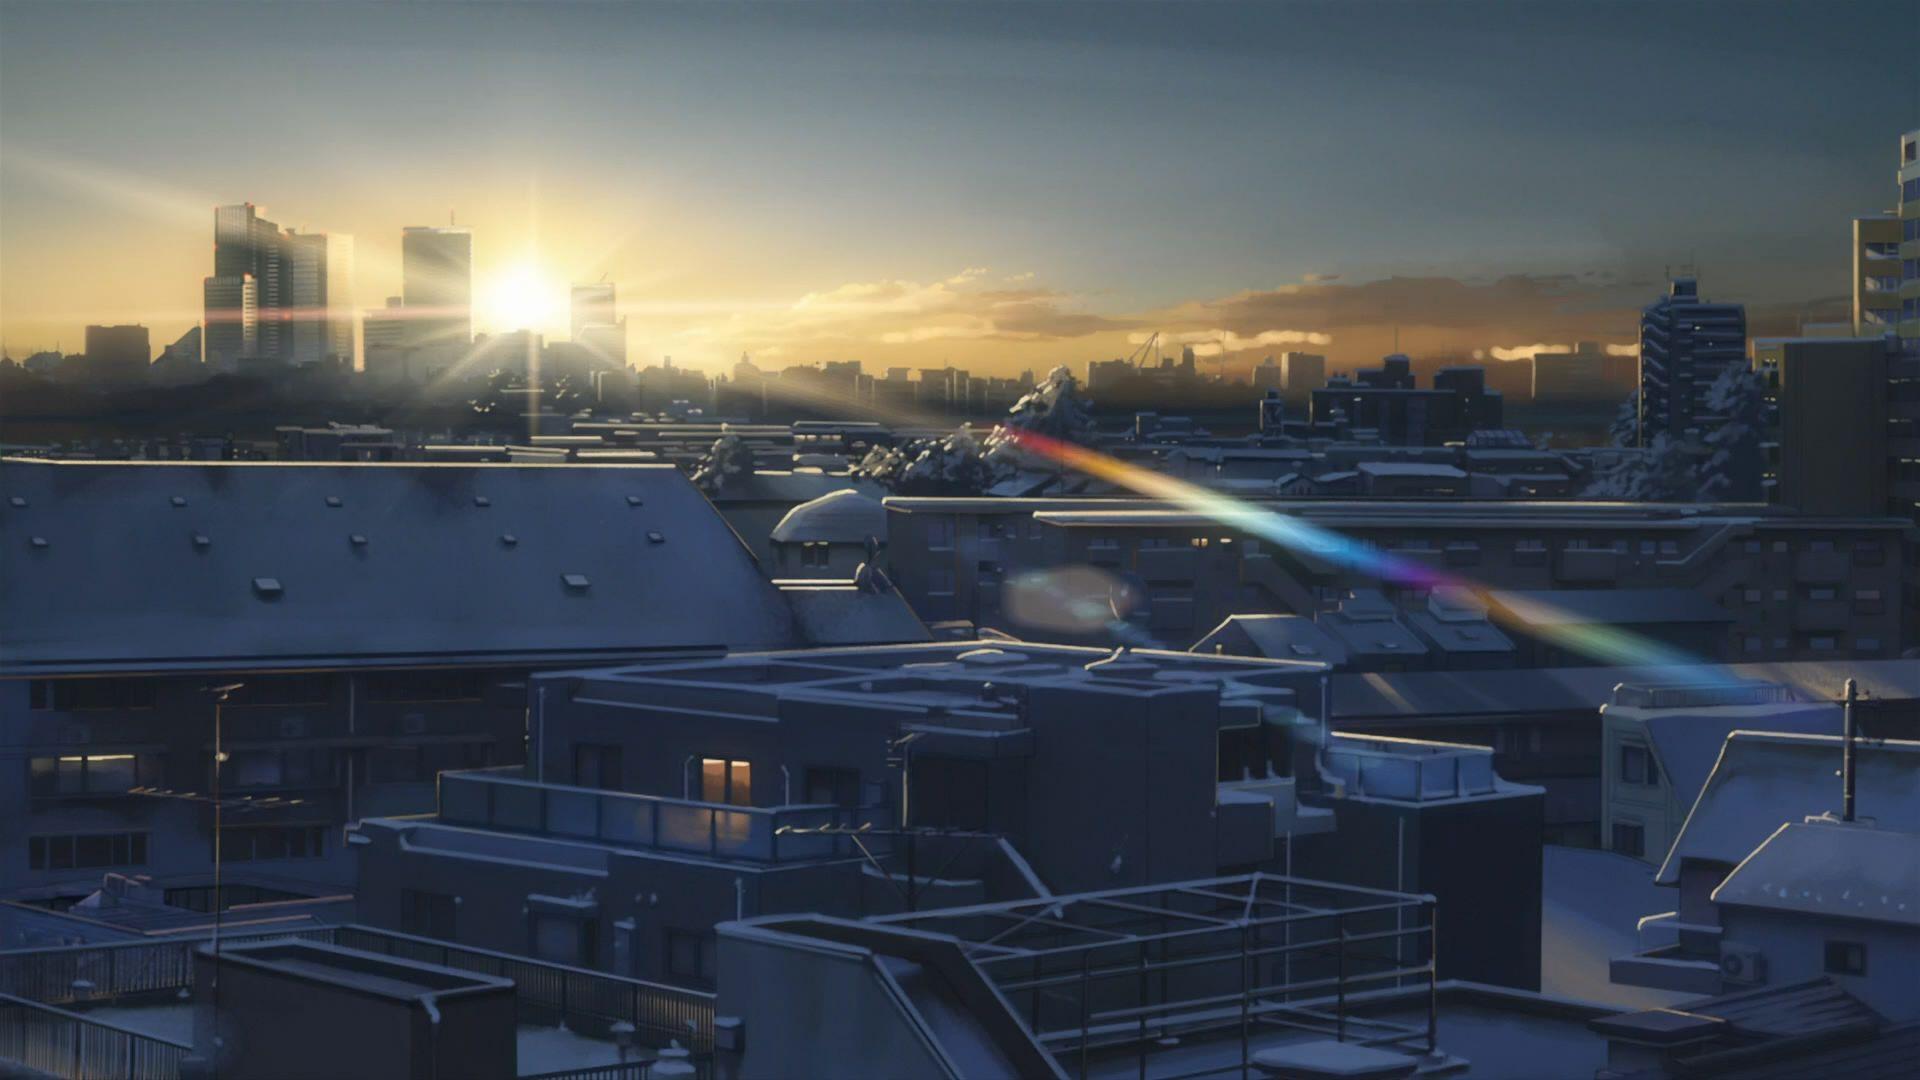 makoto shinkai snowy city Anime city, Scenery, City